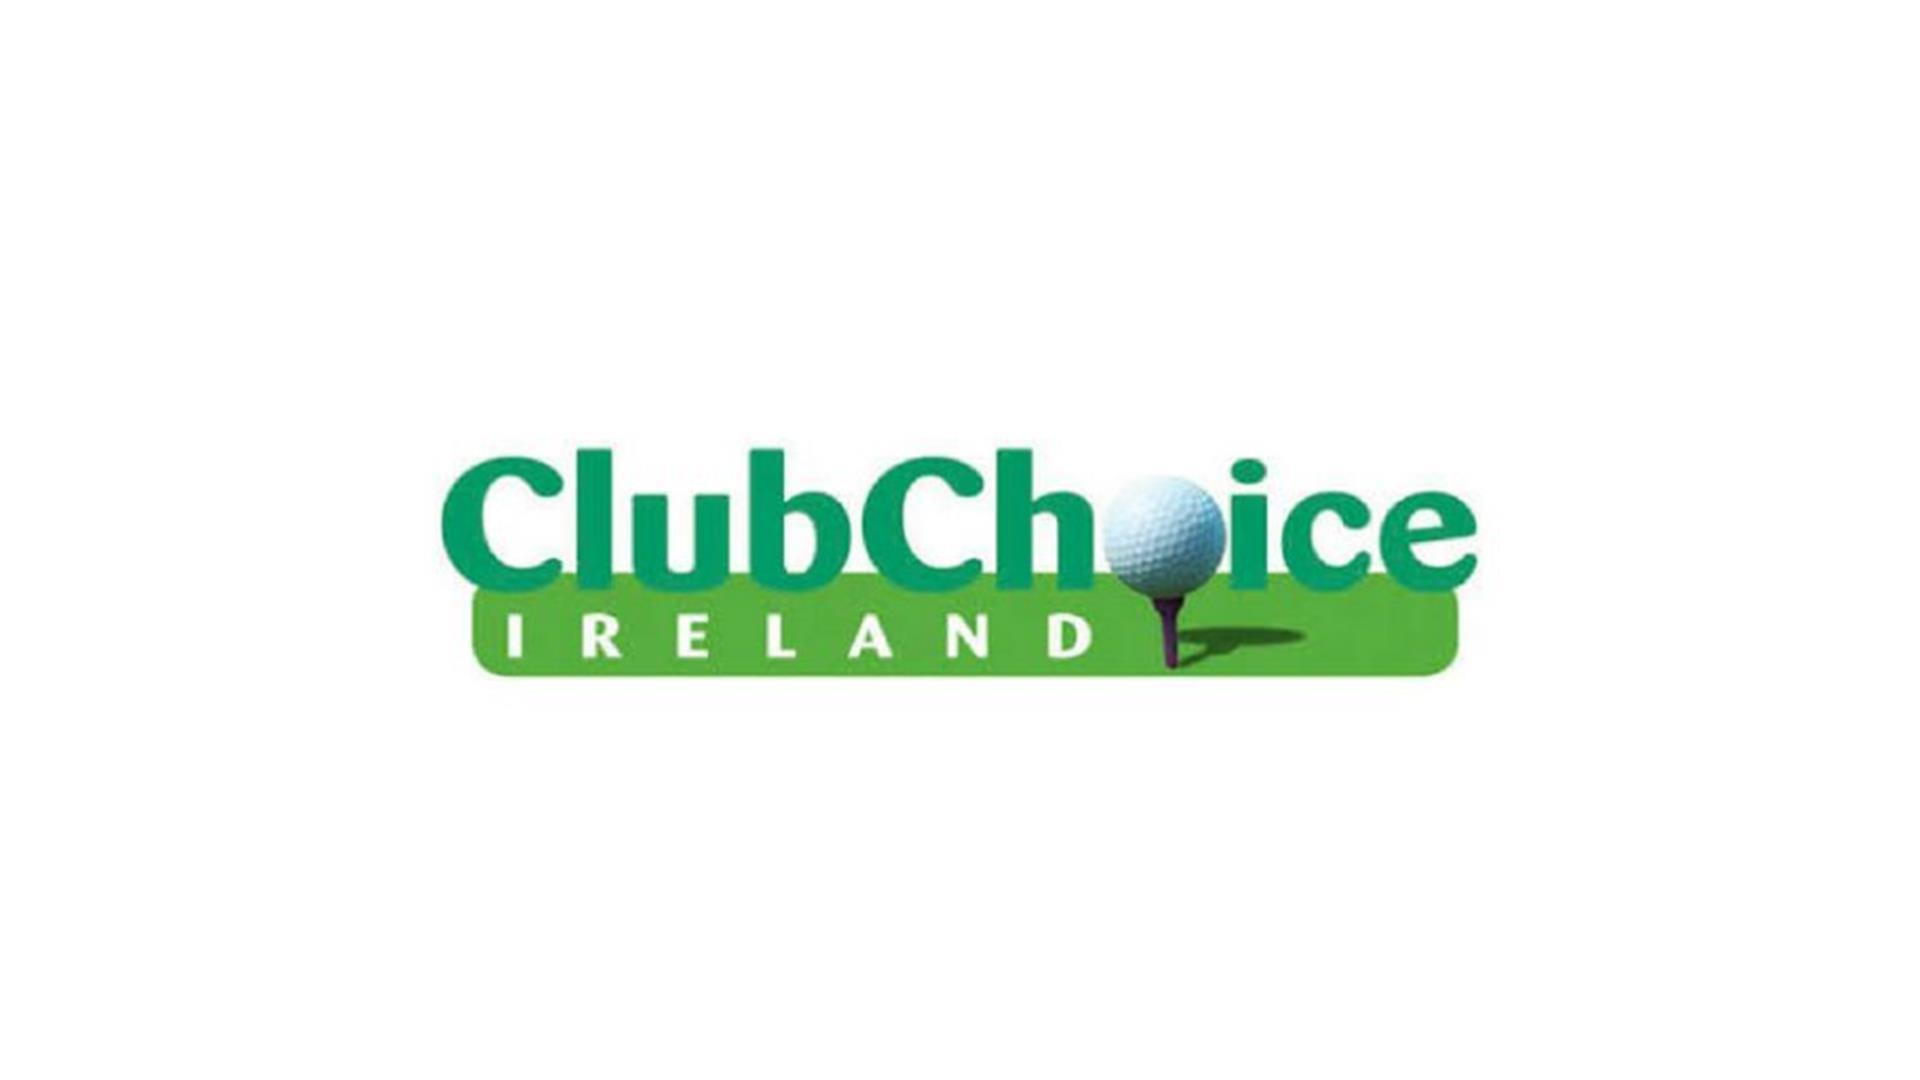 Club Choice